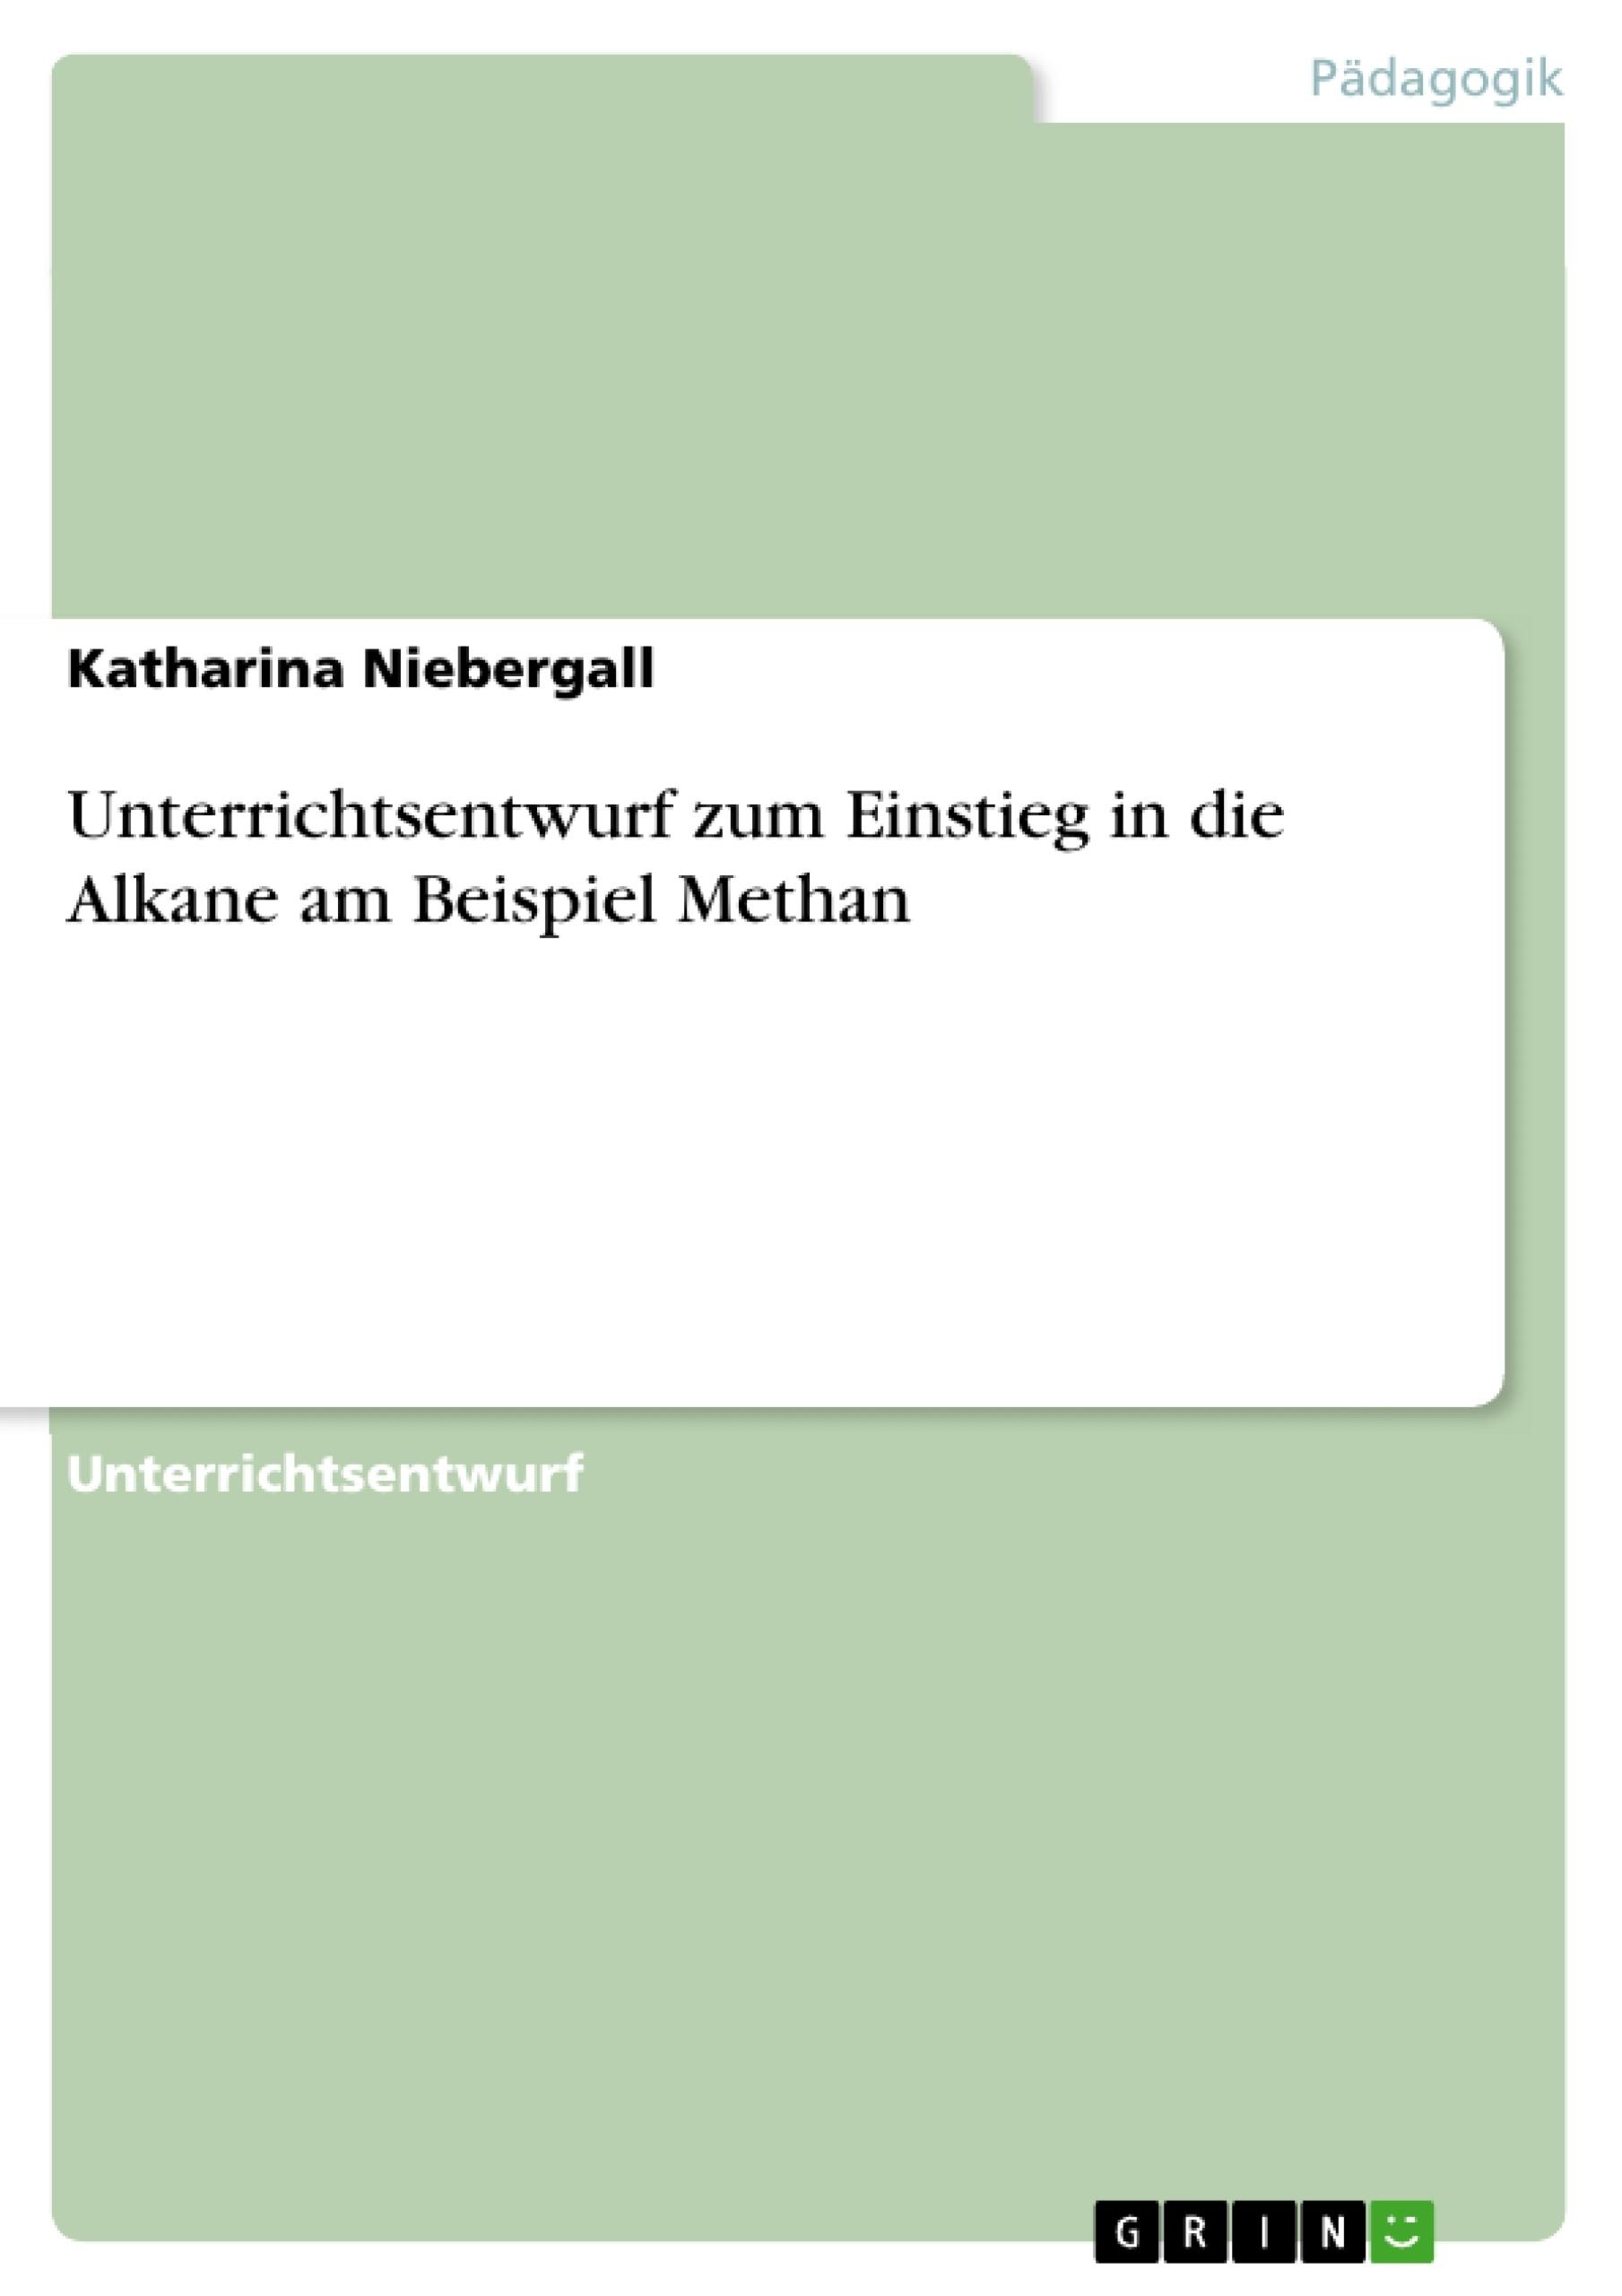 Titel: Unterrichtsentwurf zum Einstieg in die Alkane am Beispiel Methan